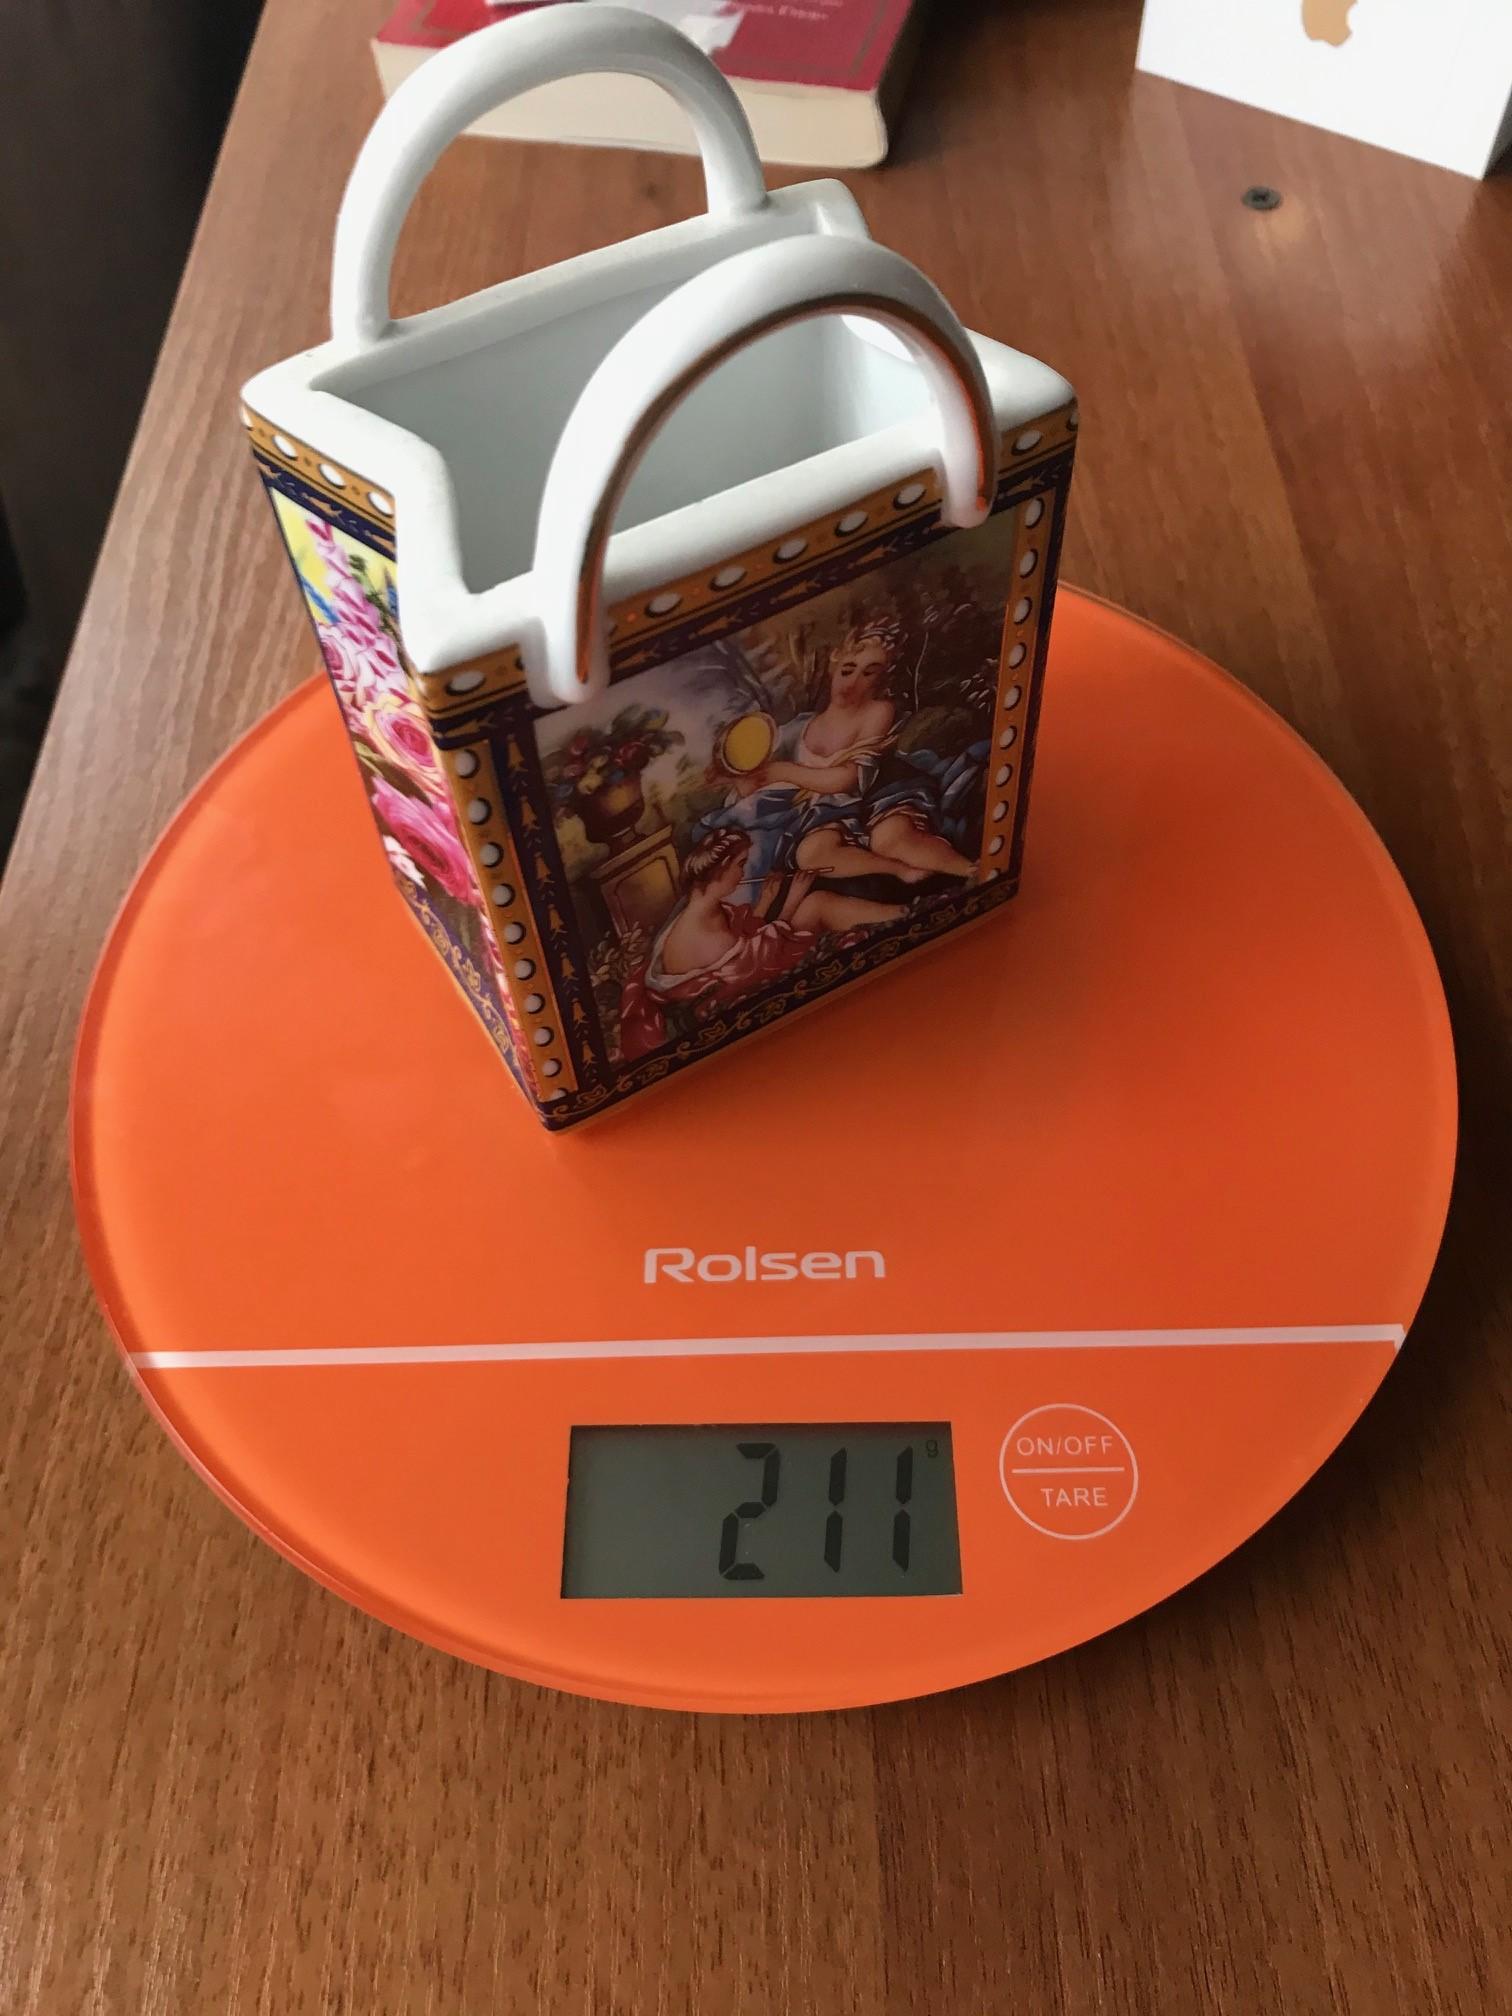 вес керамической салфетницы